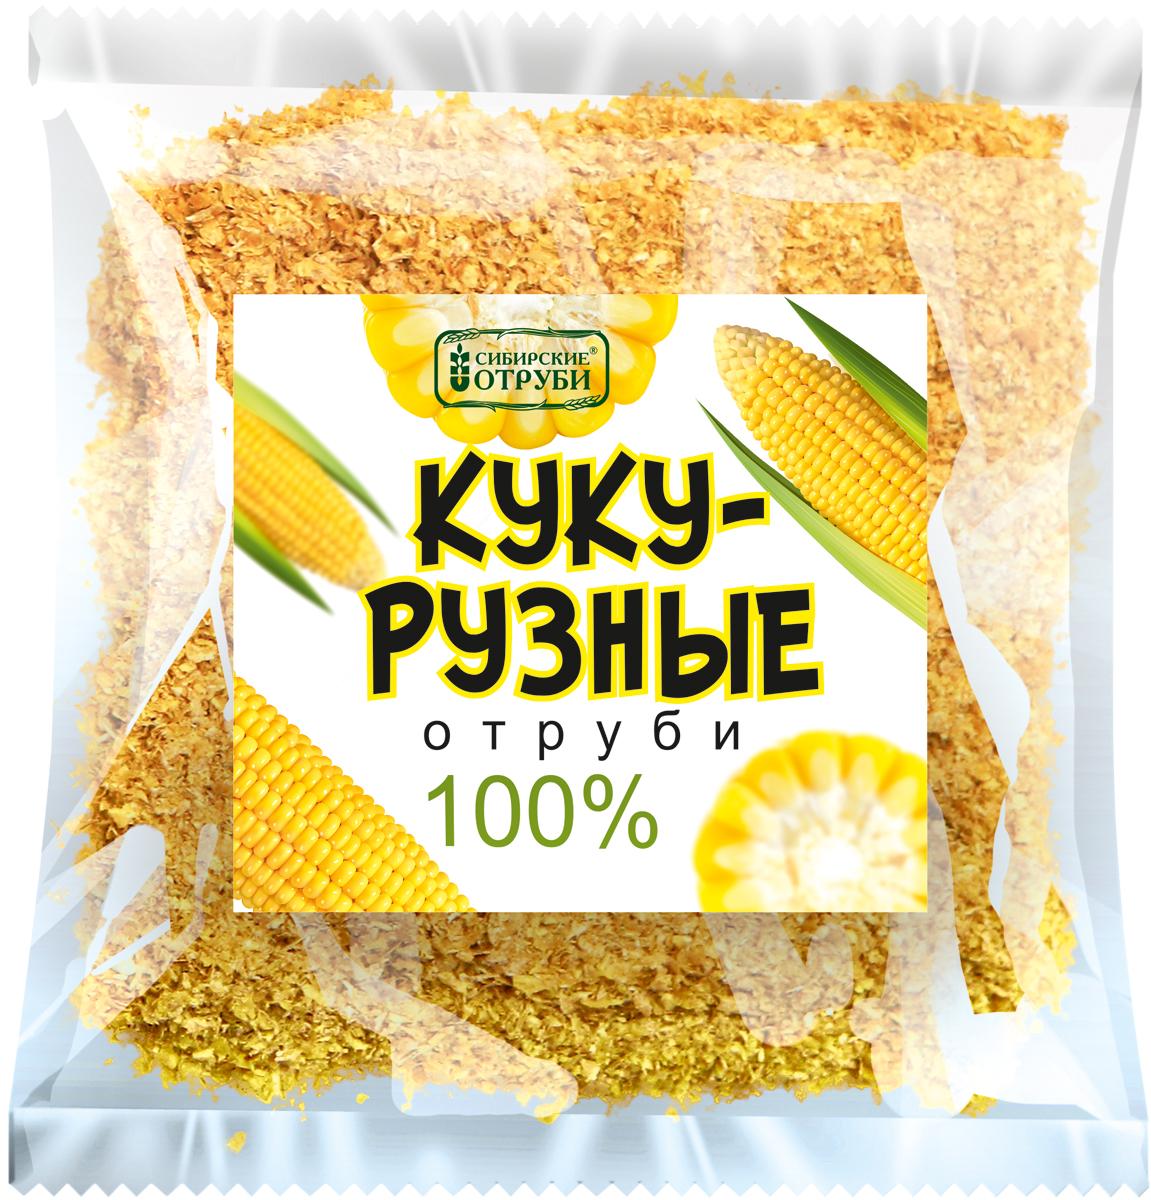 Сибирские отруби Кукурузные натуральные 100%, 180 г сибирские отруби хрустящие сила овощей 100 г